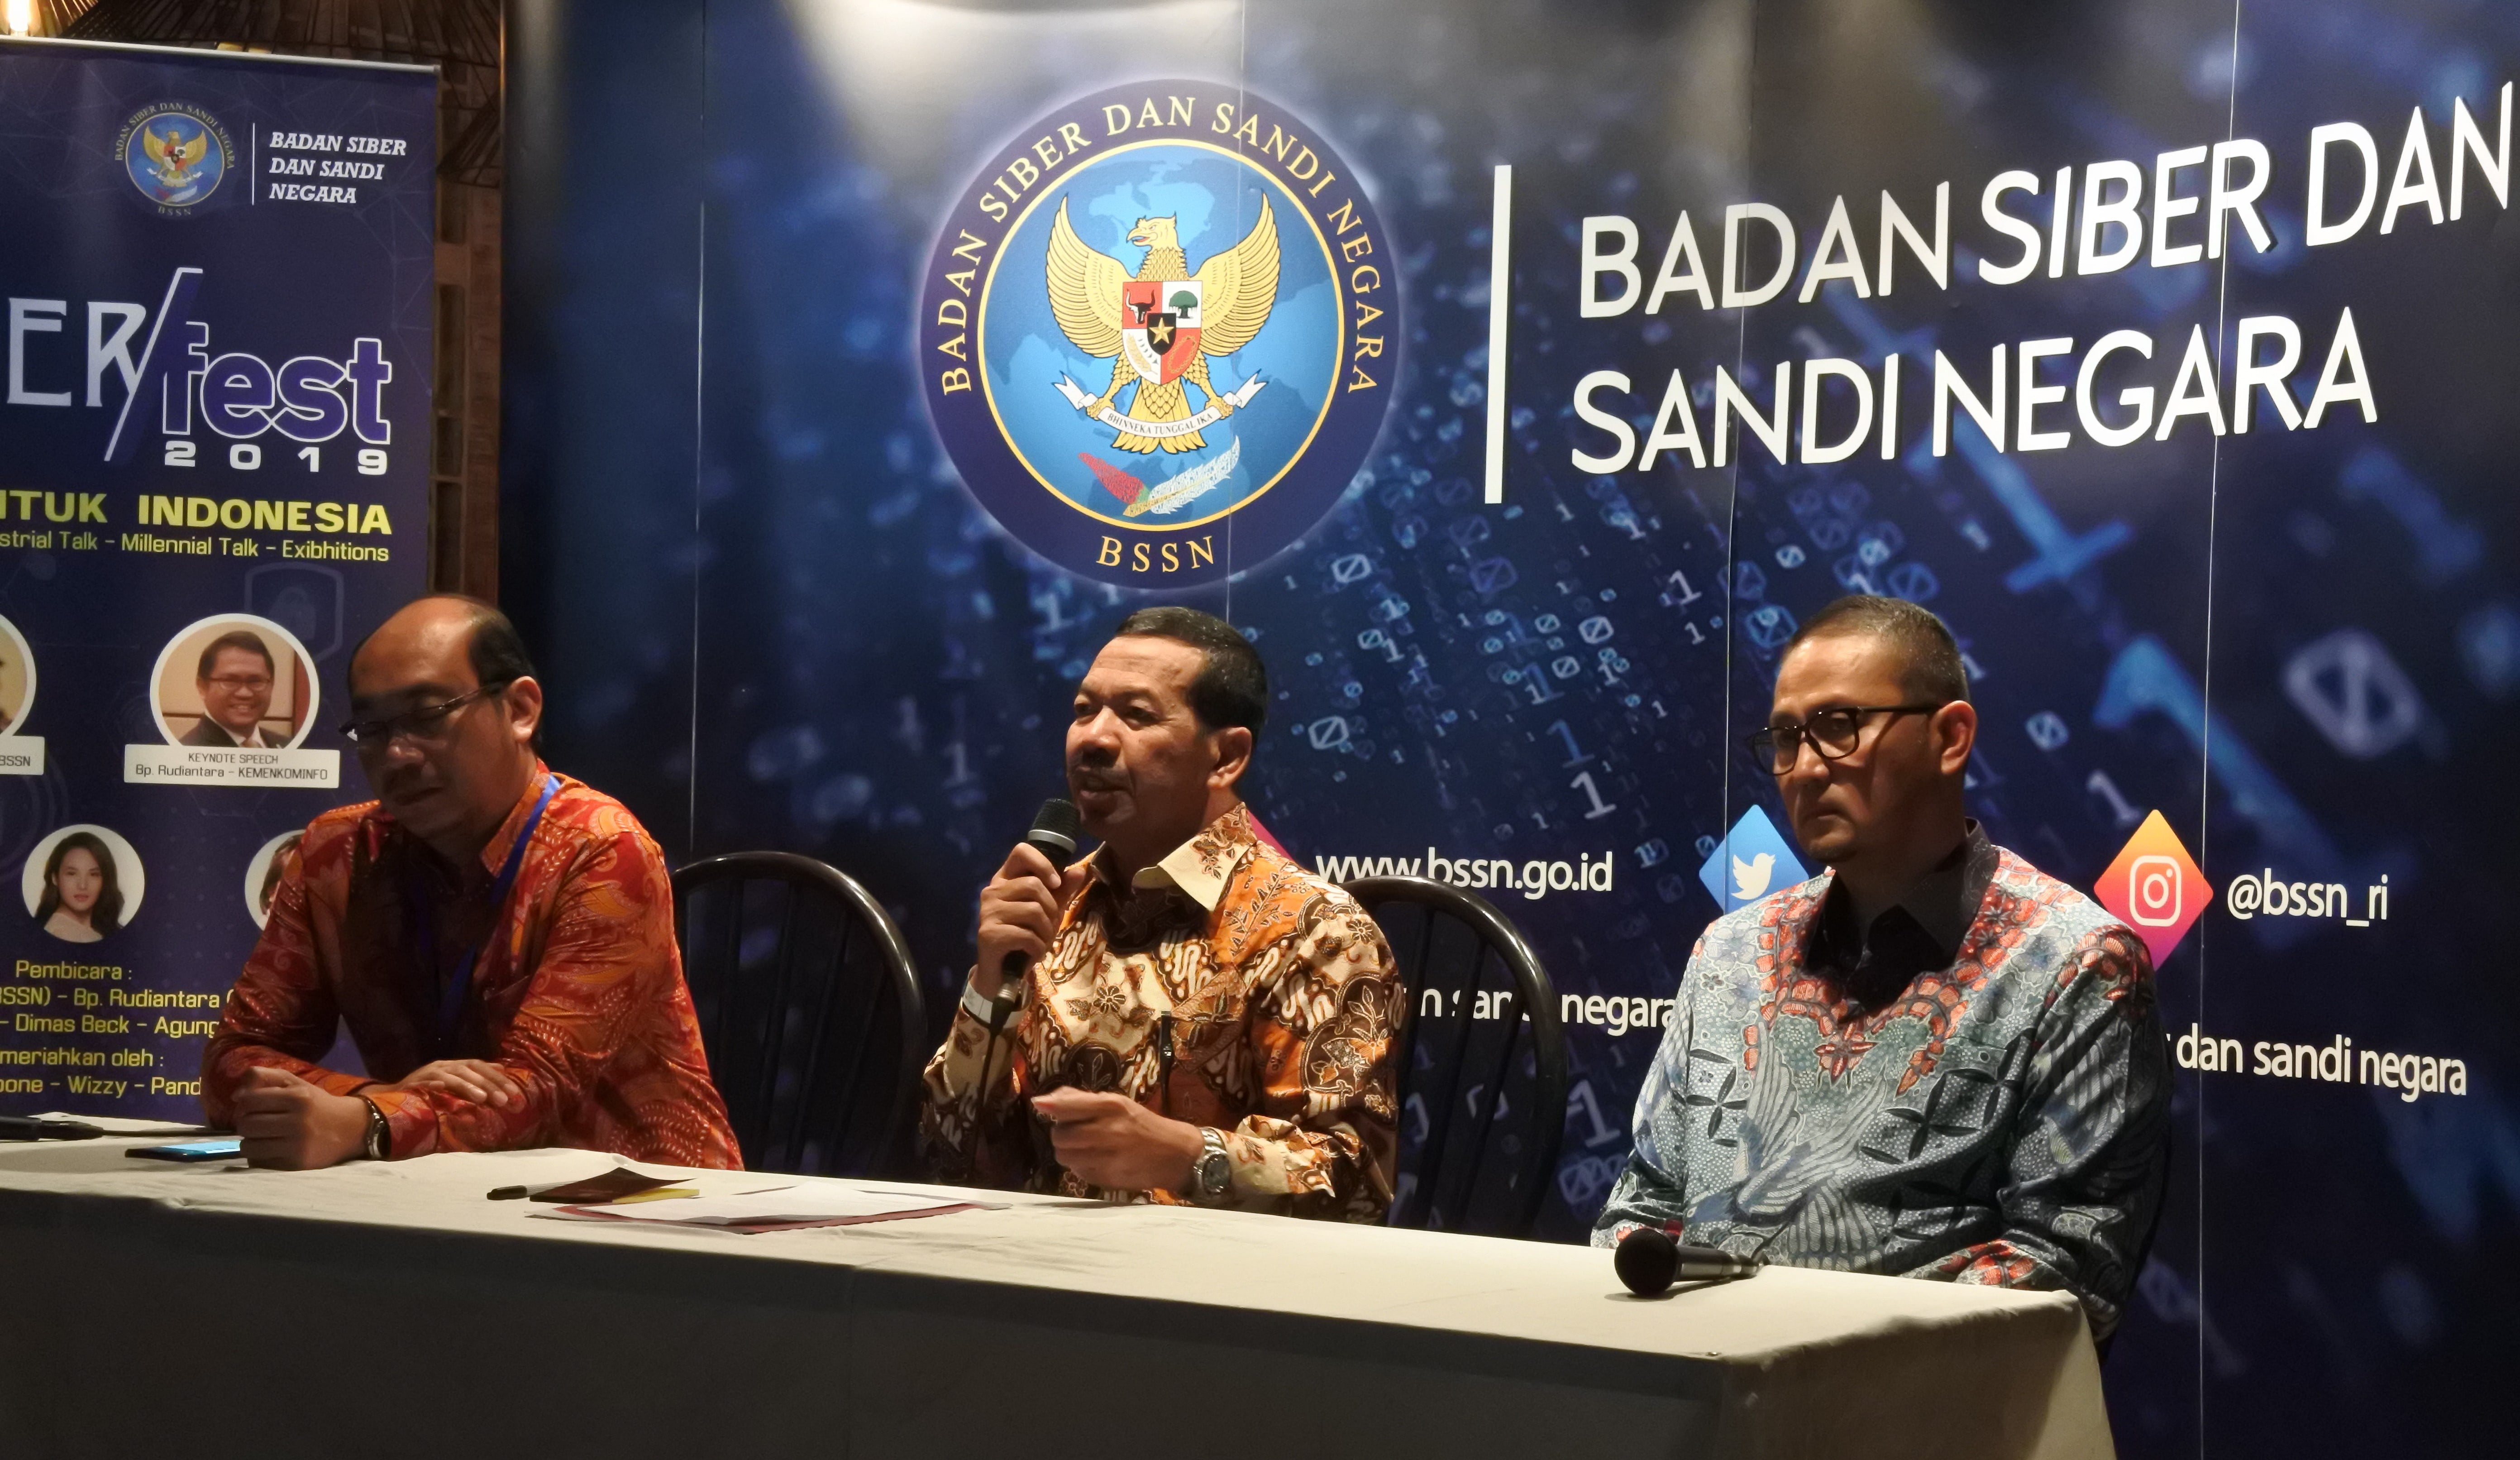 CyberFest 2019, BSSN Untuk Indonesia